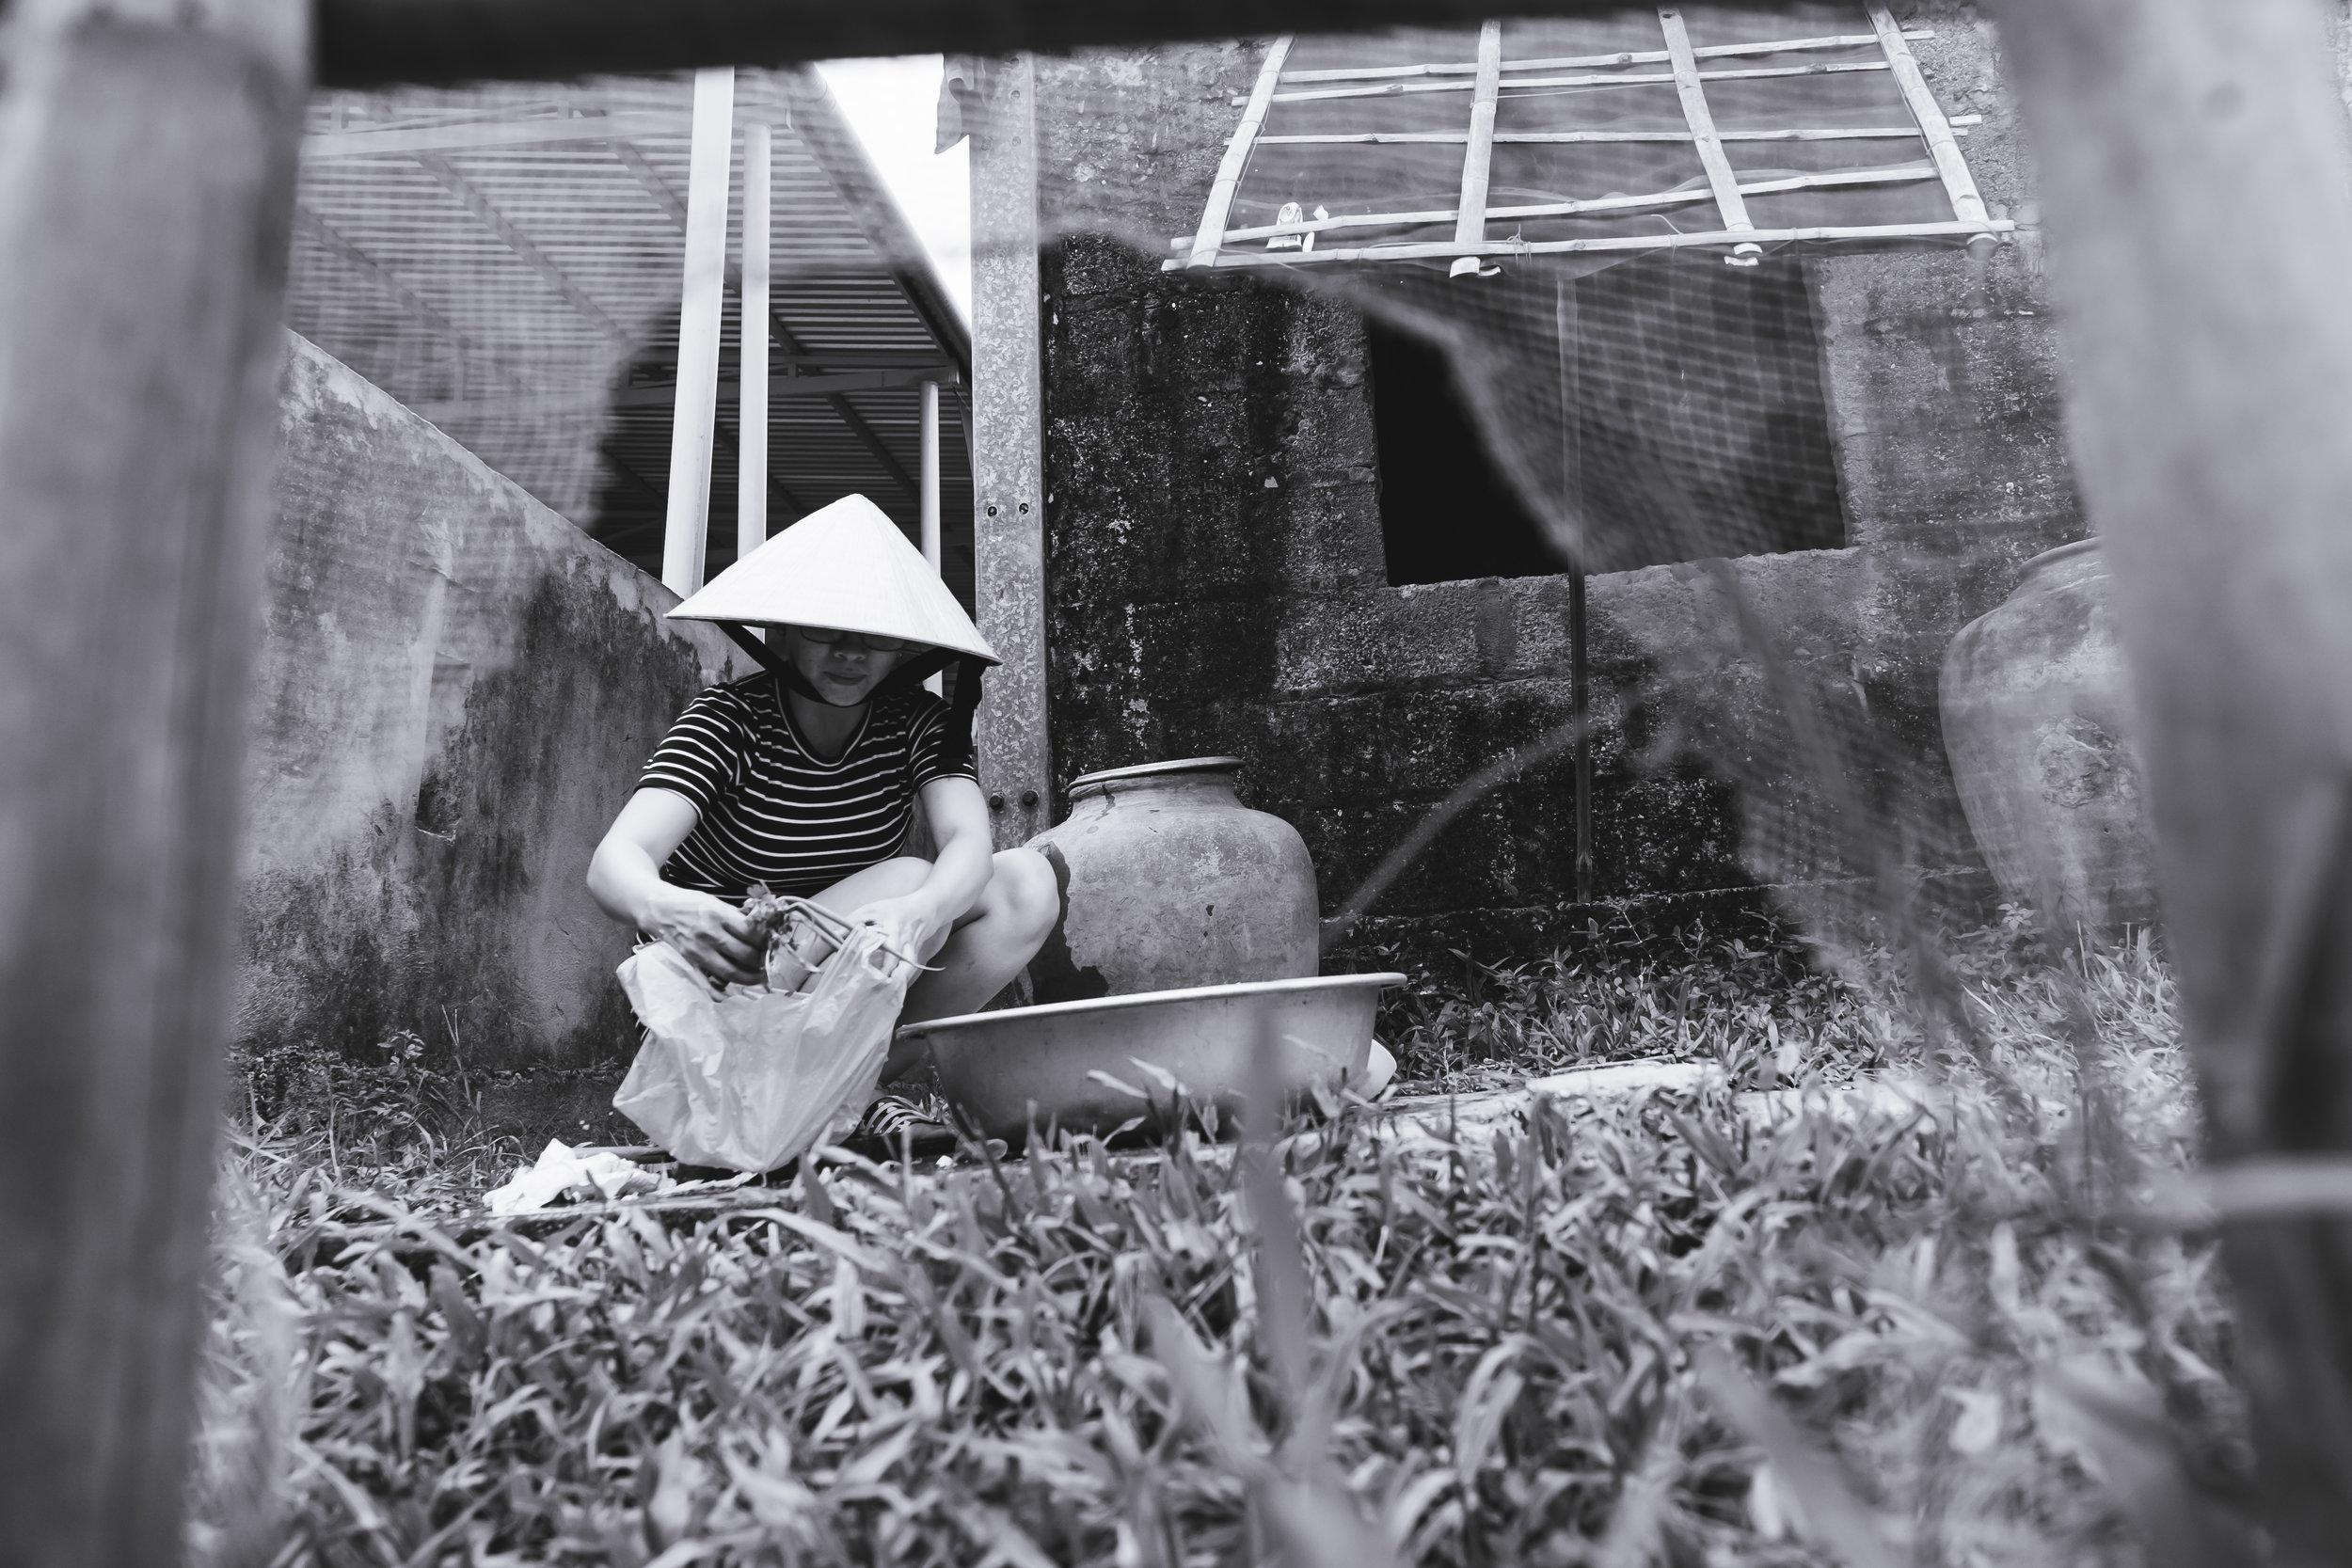 village-worker.jpg